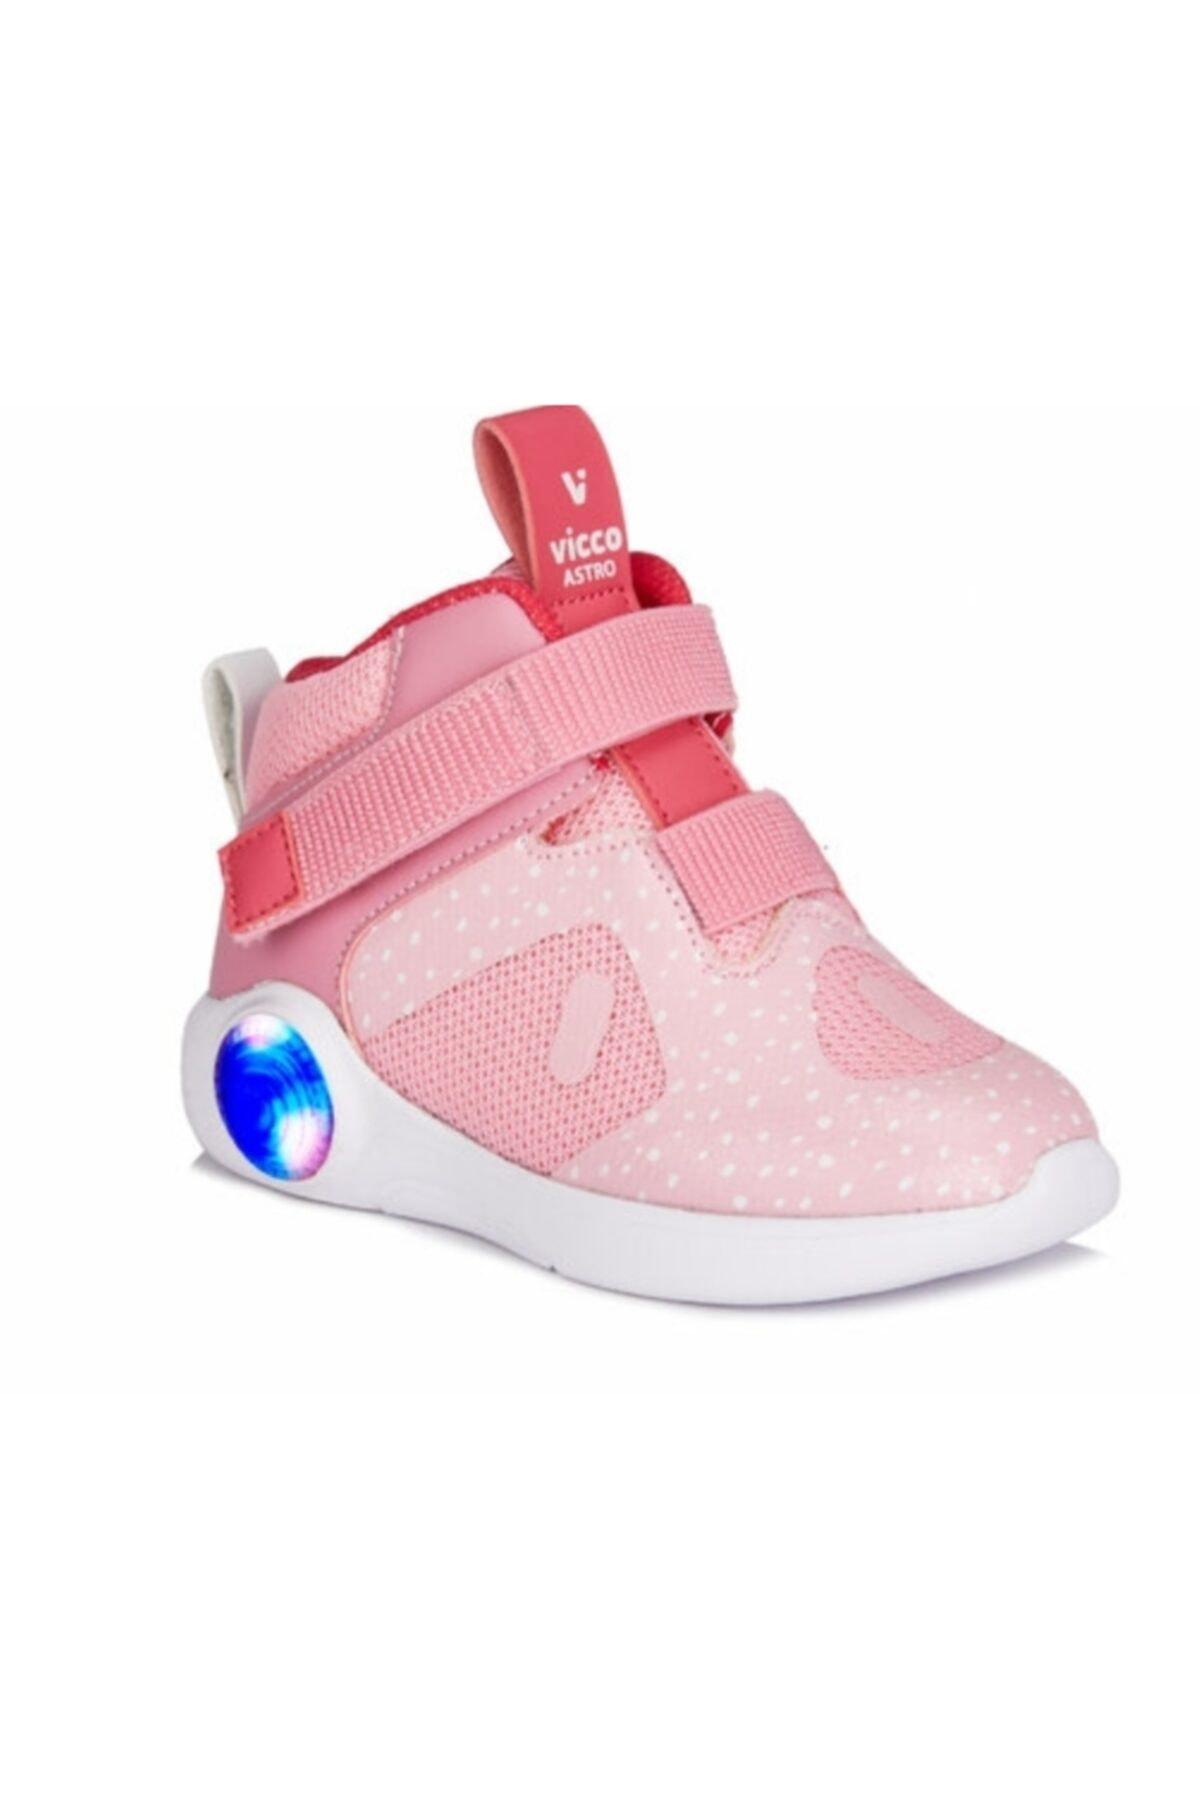 فروشگاه بوت بچه گانه دخترانه  برند Vicco رنگ صورتی ty55604993